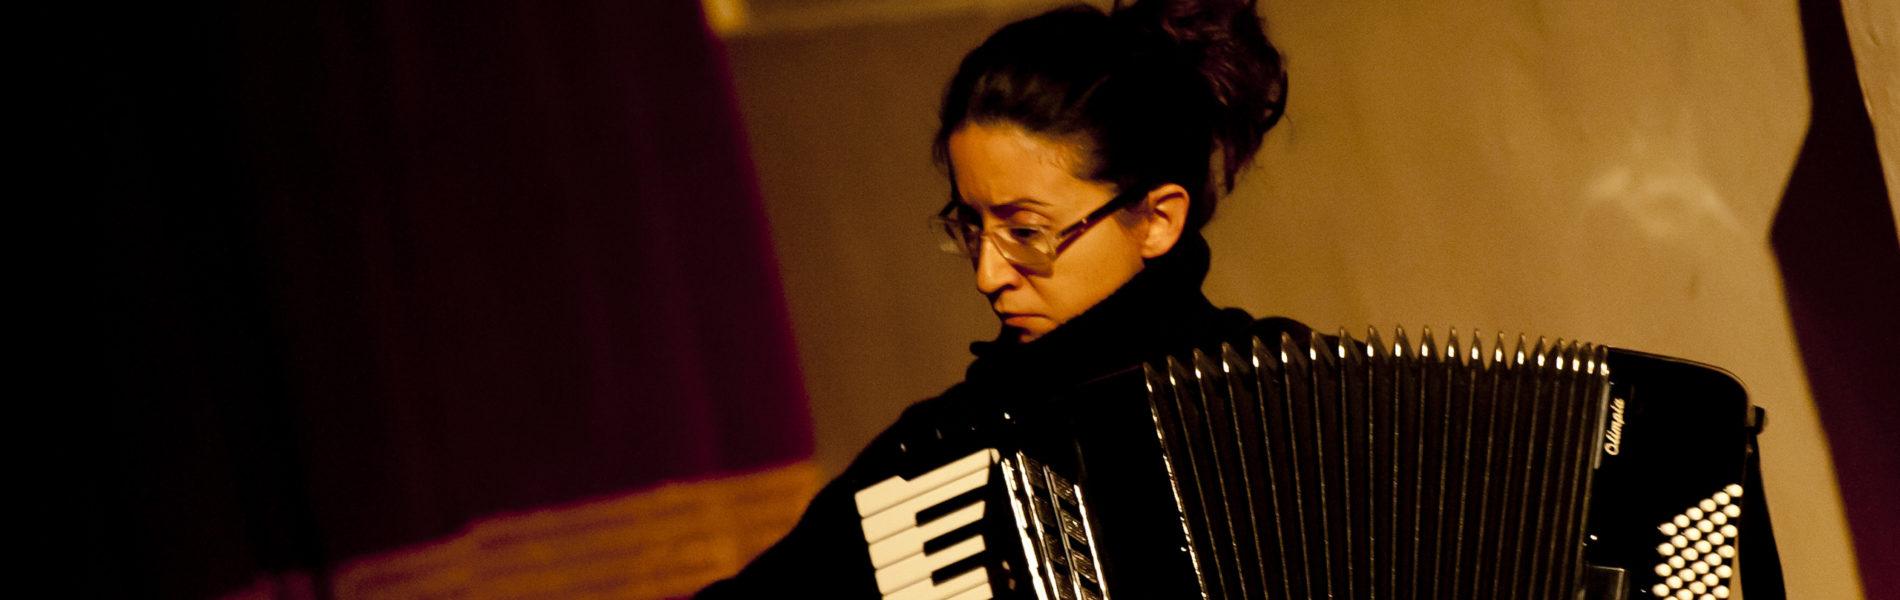 Spettacolo_Teatrale_2012_011